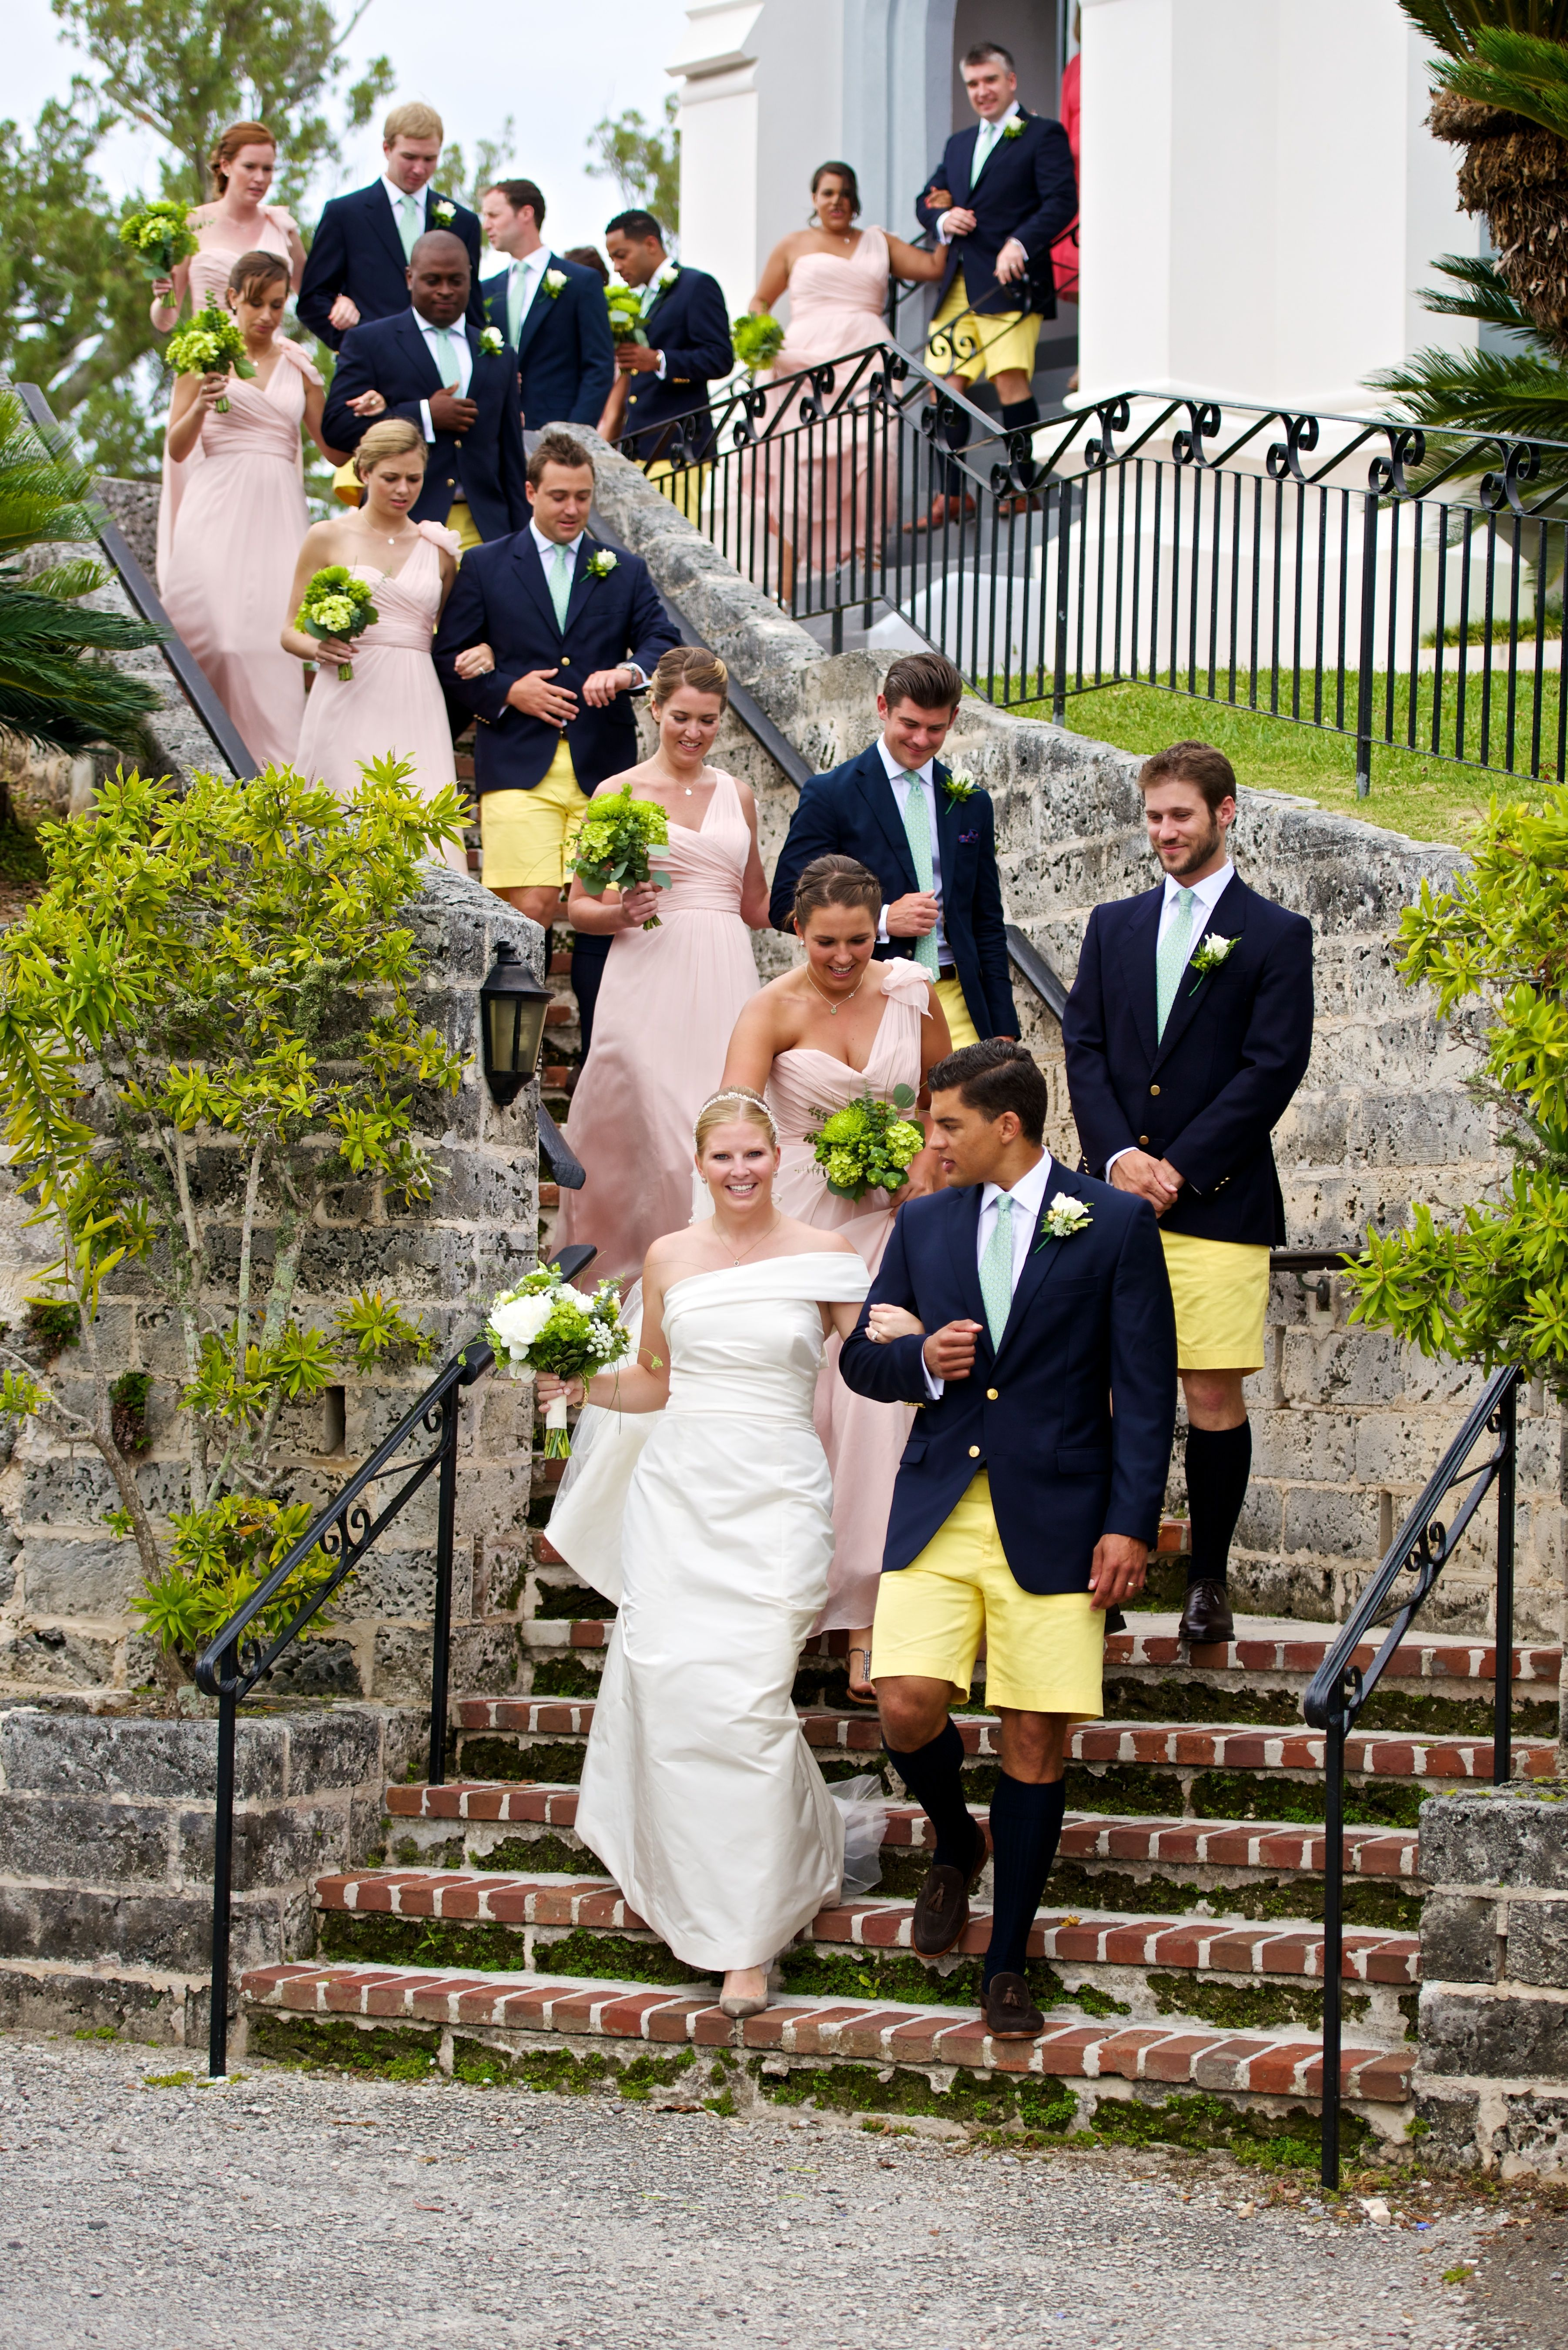 Bermuda Wedding With The Groom Groomsman Wearing Tabs Bermuda